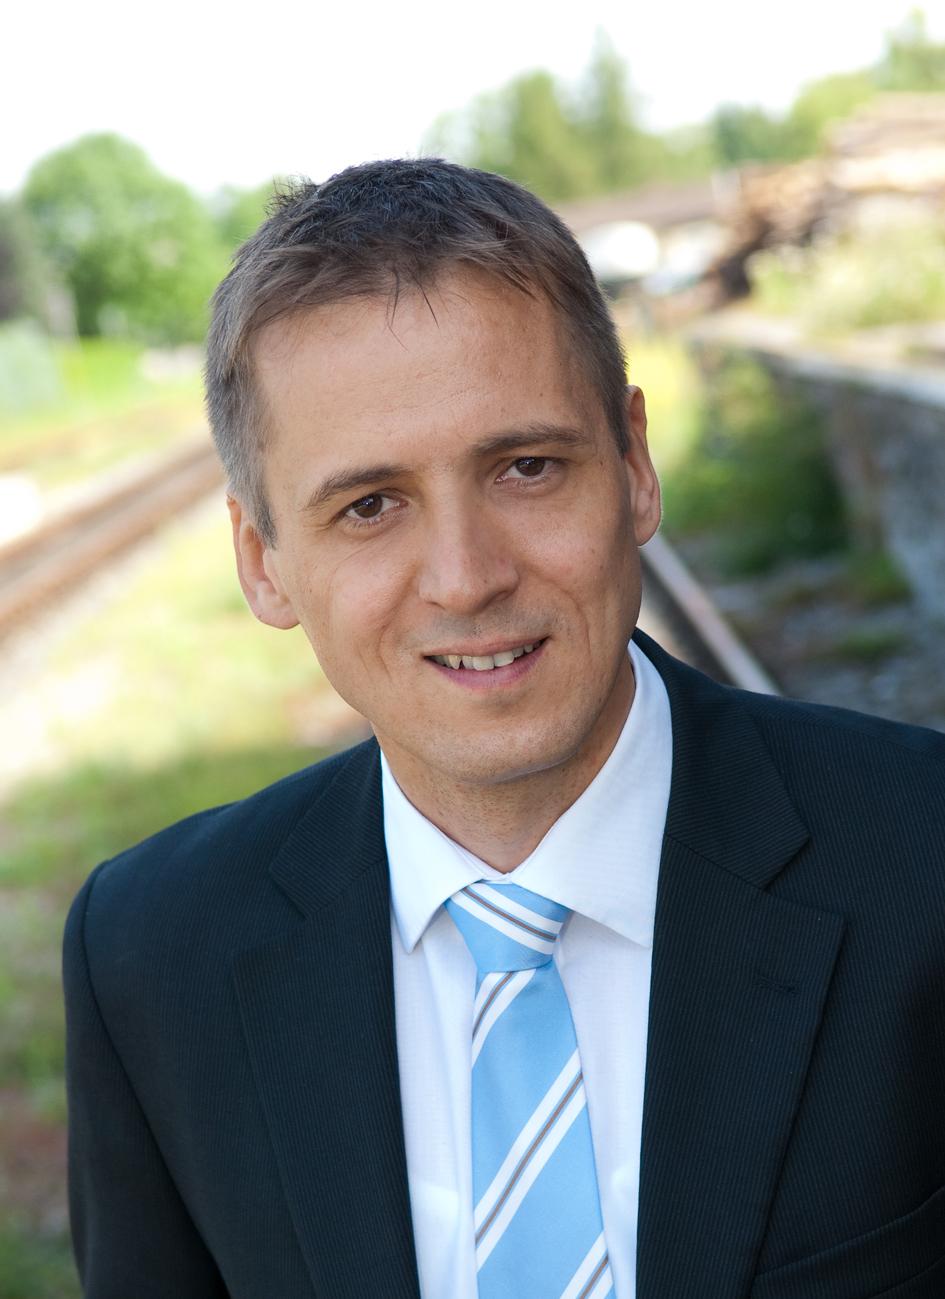 Bernhard Dellekart, Executive Vice President Customer Services und Back Offices bei Ebner (Copyright: Ebner Industrieofenbau GmbH)